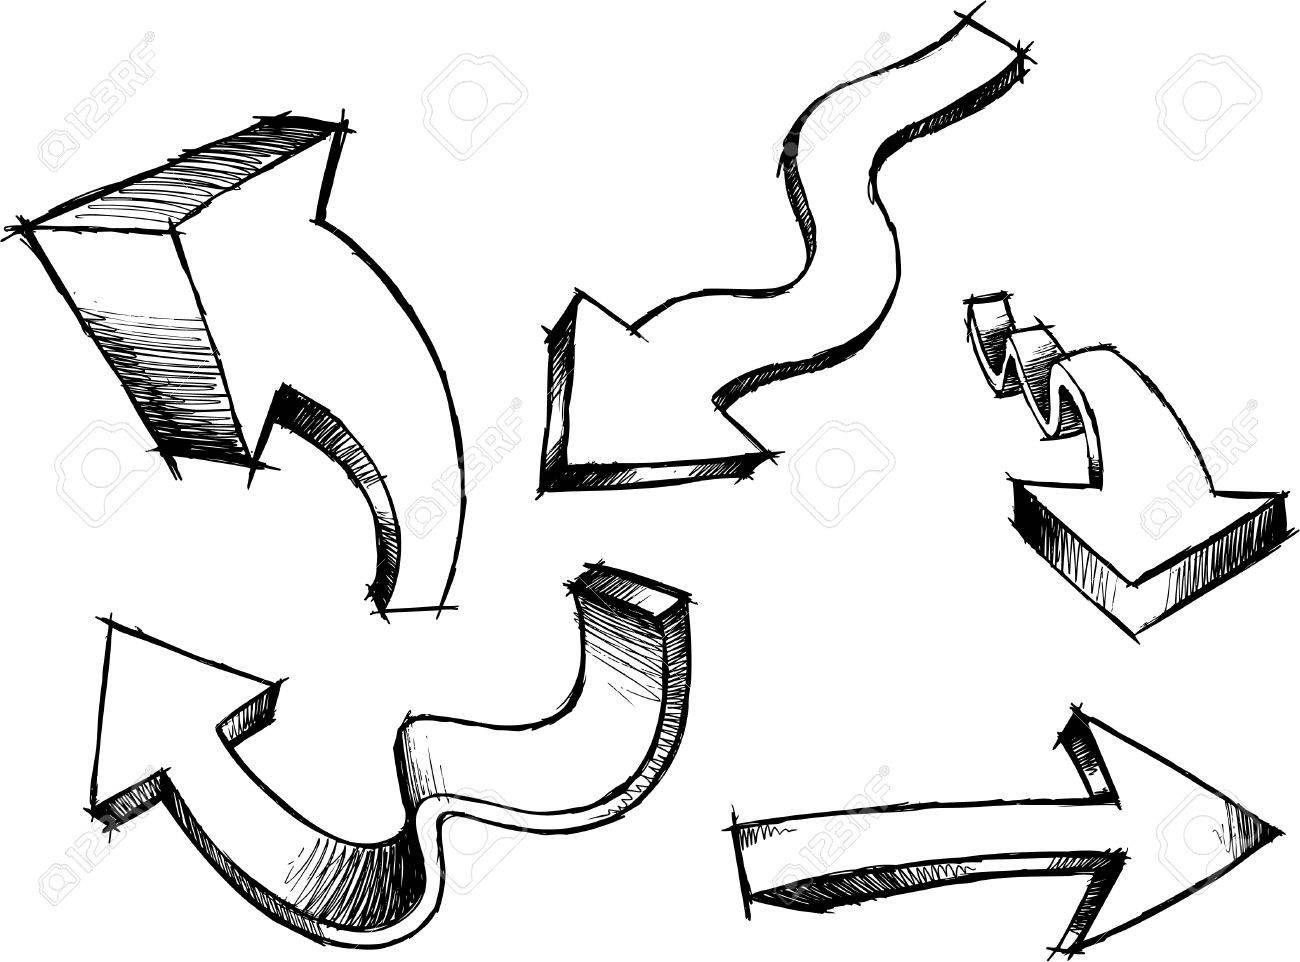 Sketchy Arrows Illustration - 6847566